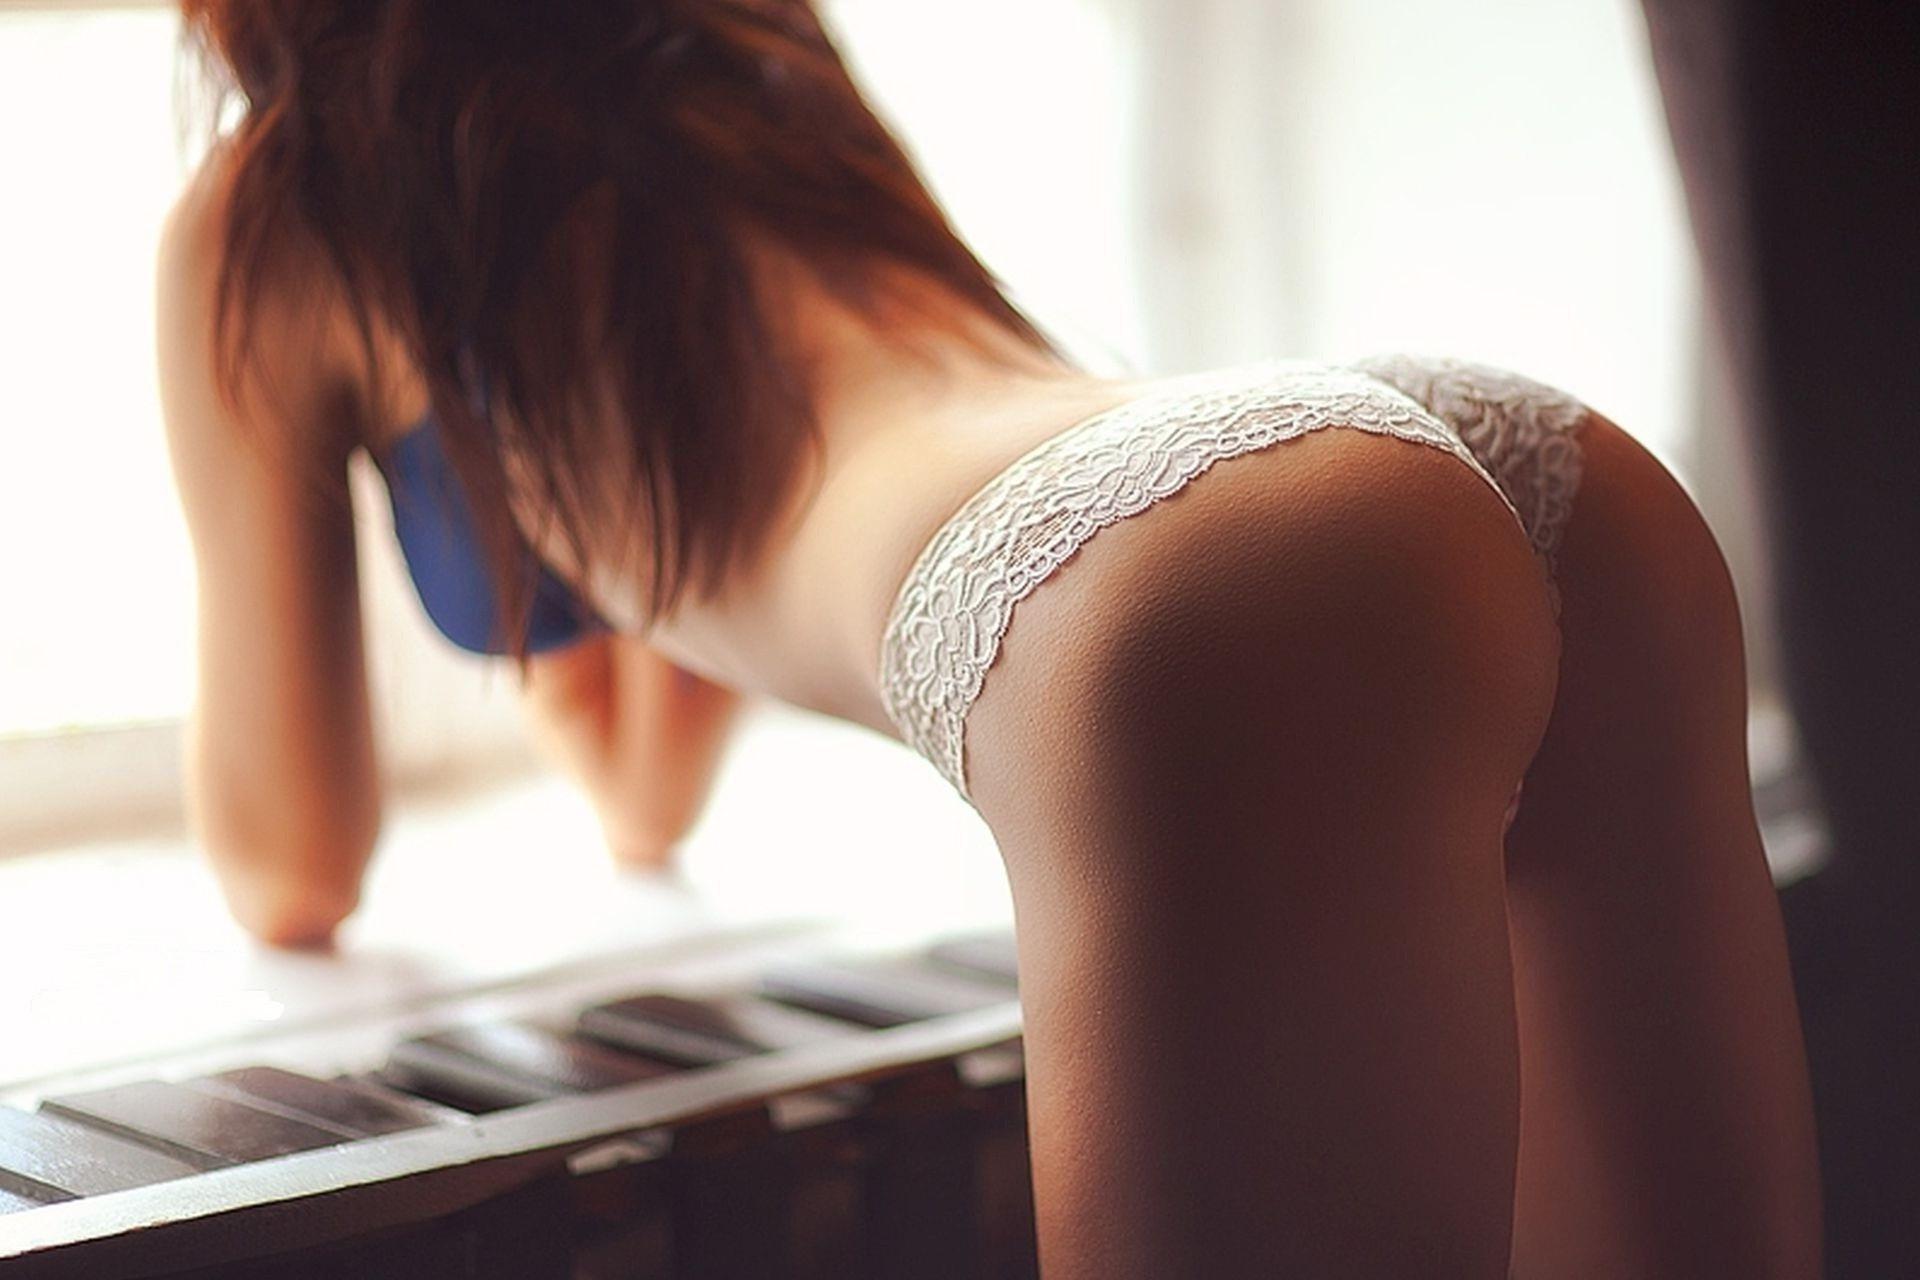 Perfect ass bent over panties congratulate, you